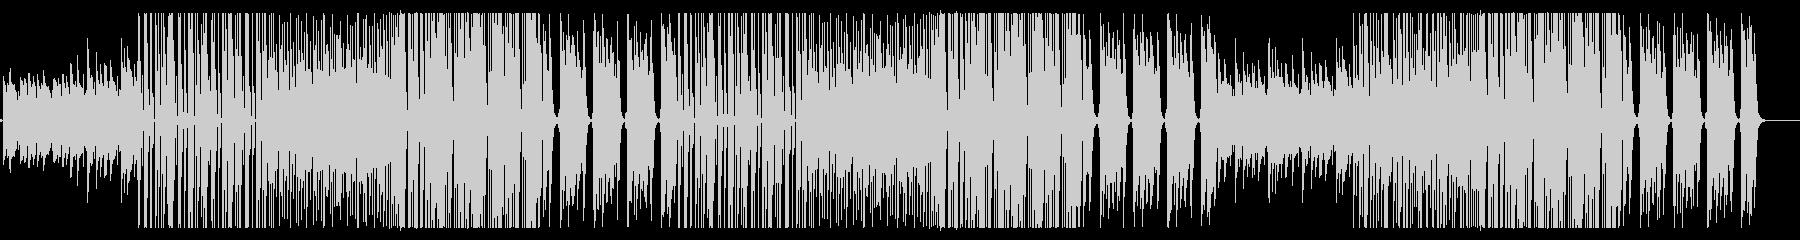 スネアがかっこいいフューチャーベースの未再生の波形